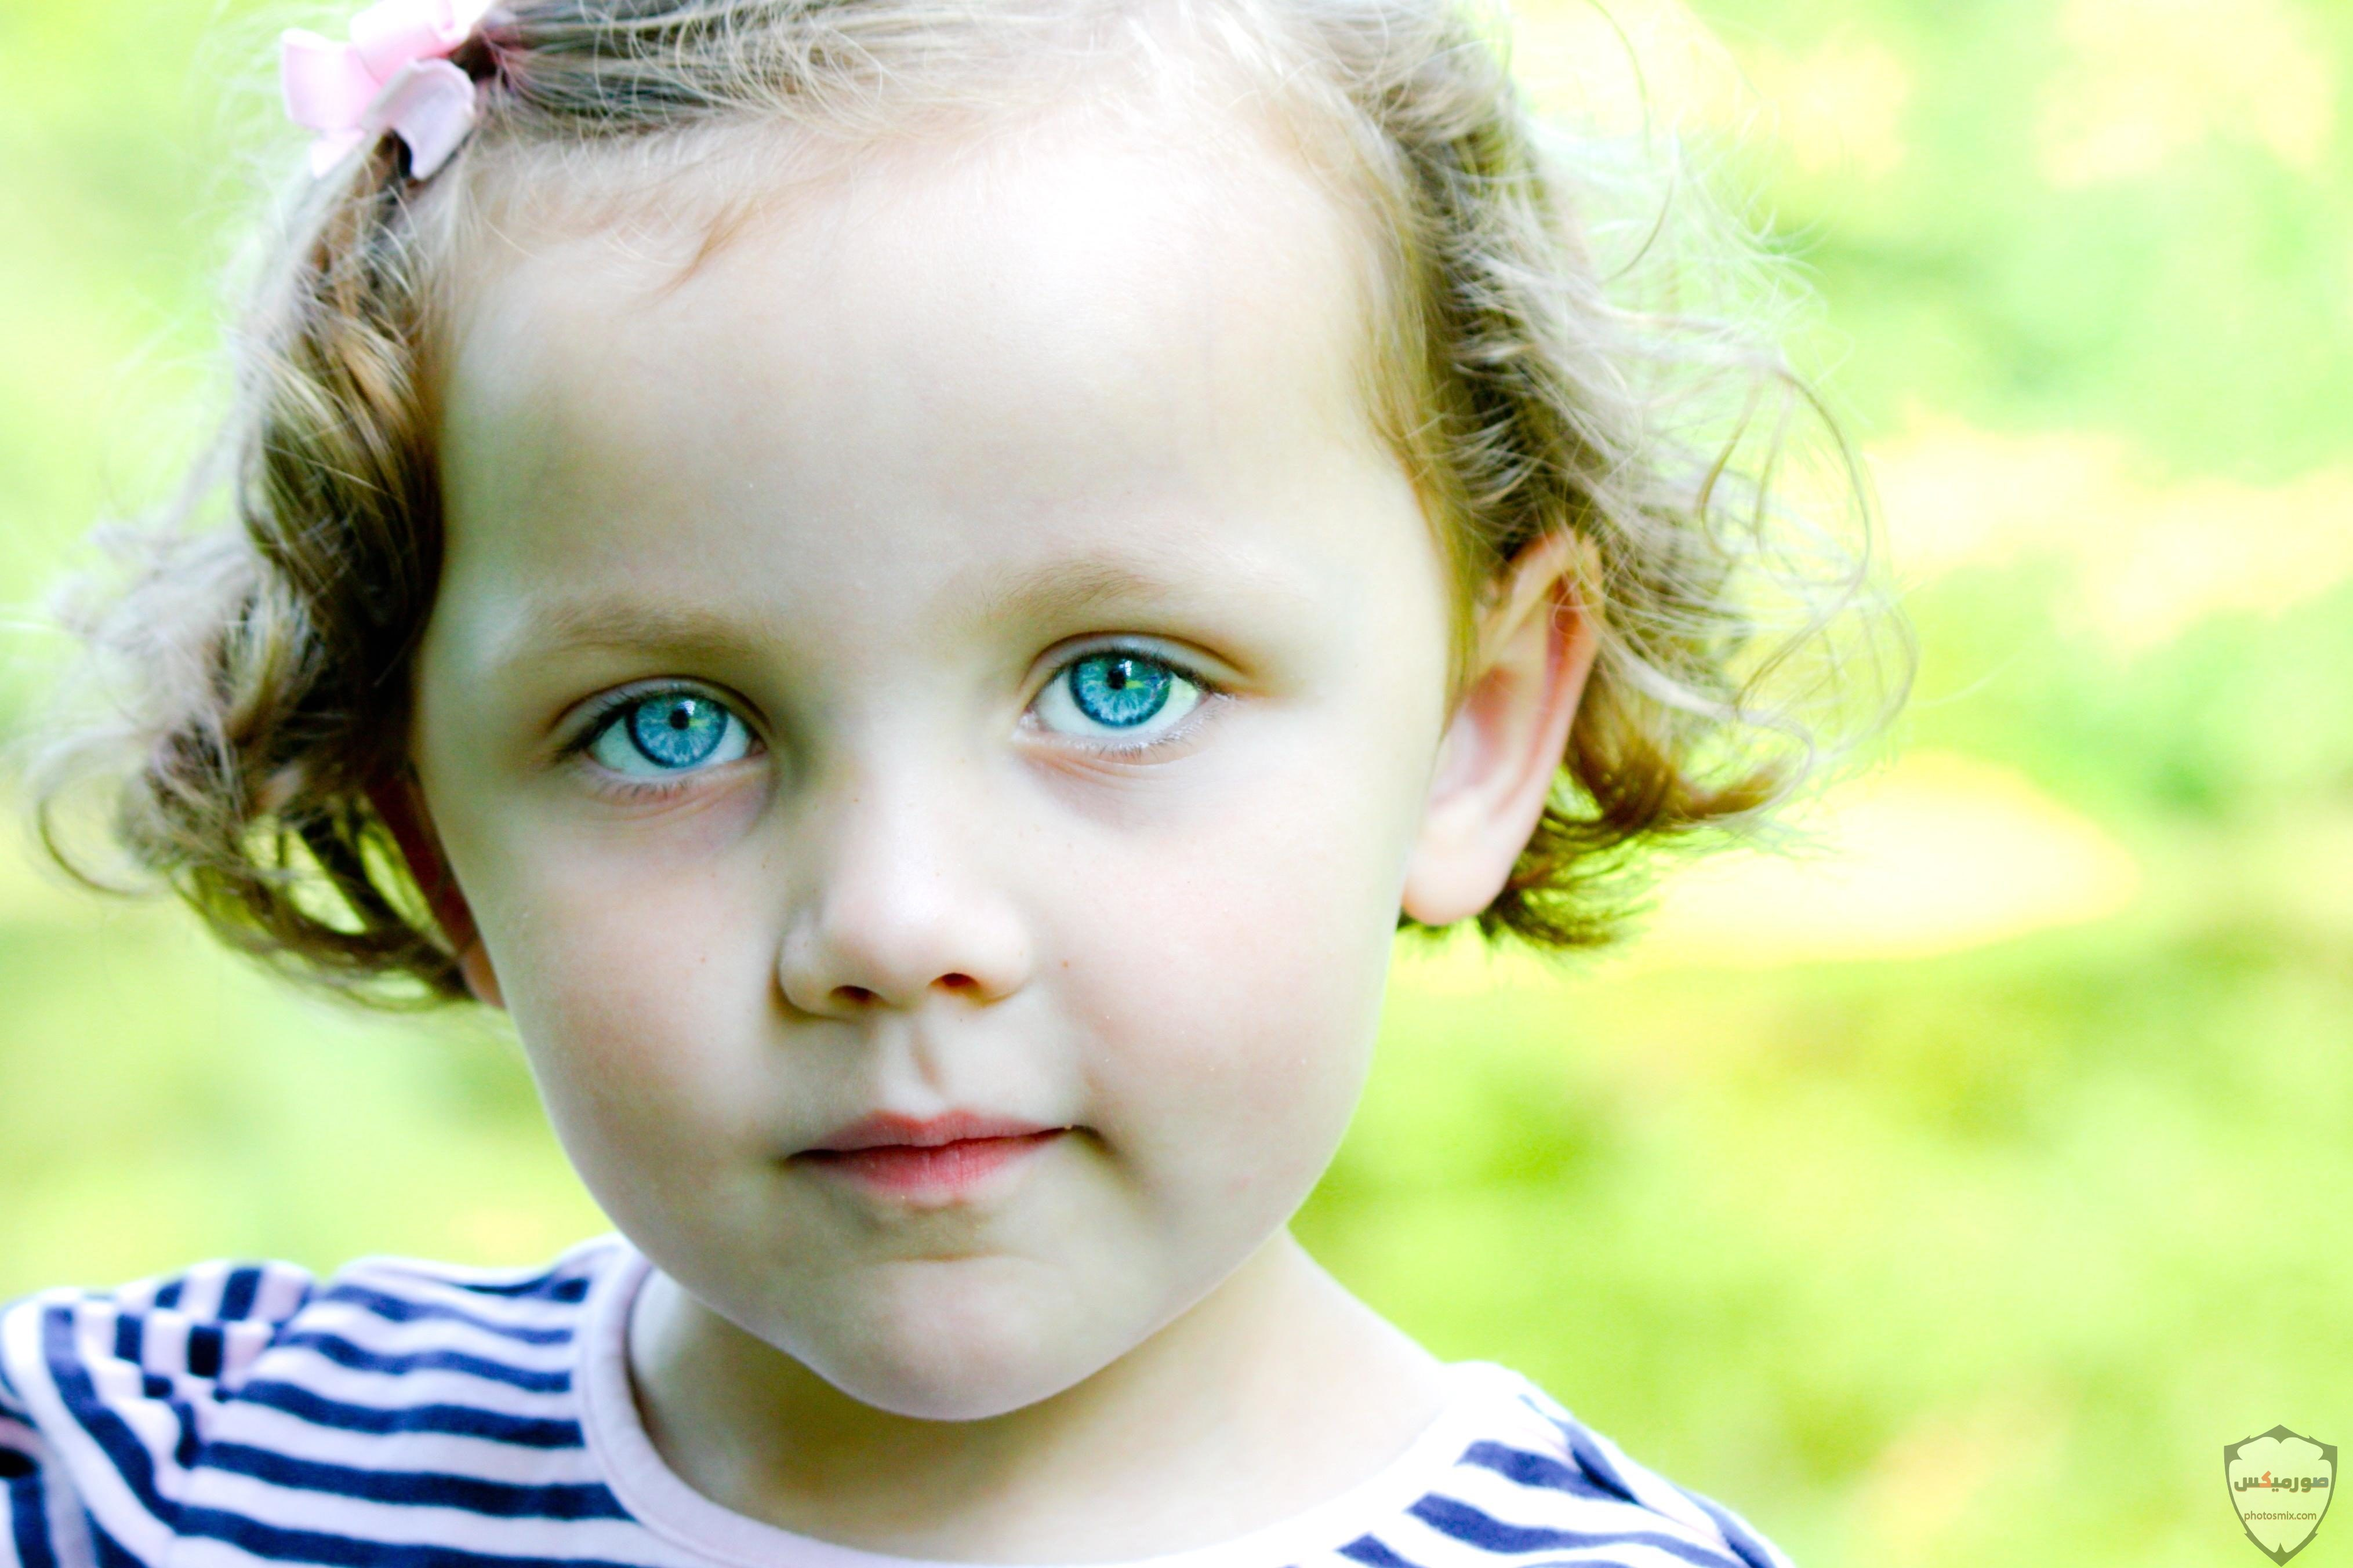 صور اطفال 2021 تحميل اكثر من 100 صور اطفال جميلة صور اطفال روعة 2020 30 1